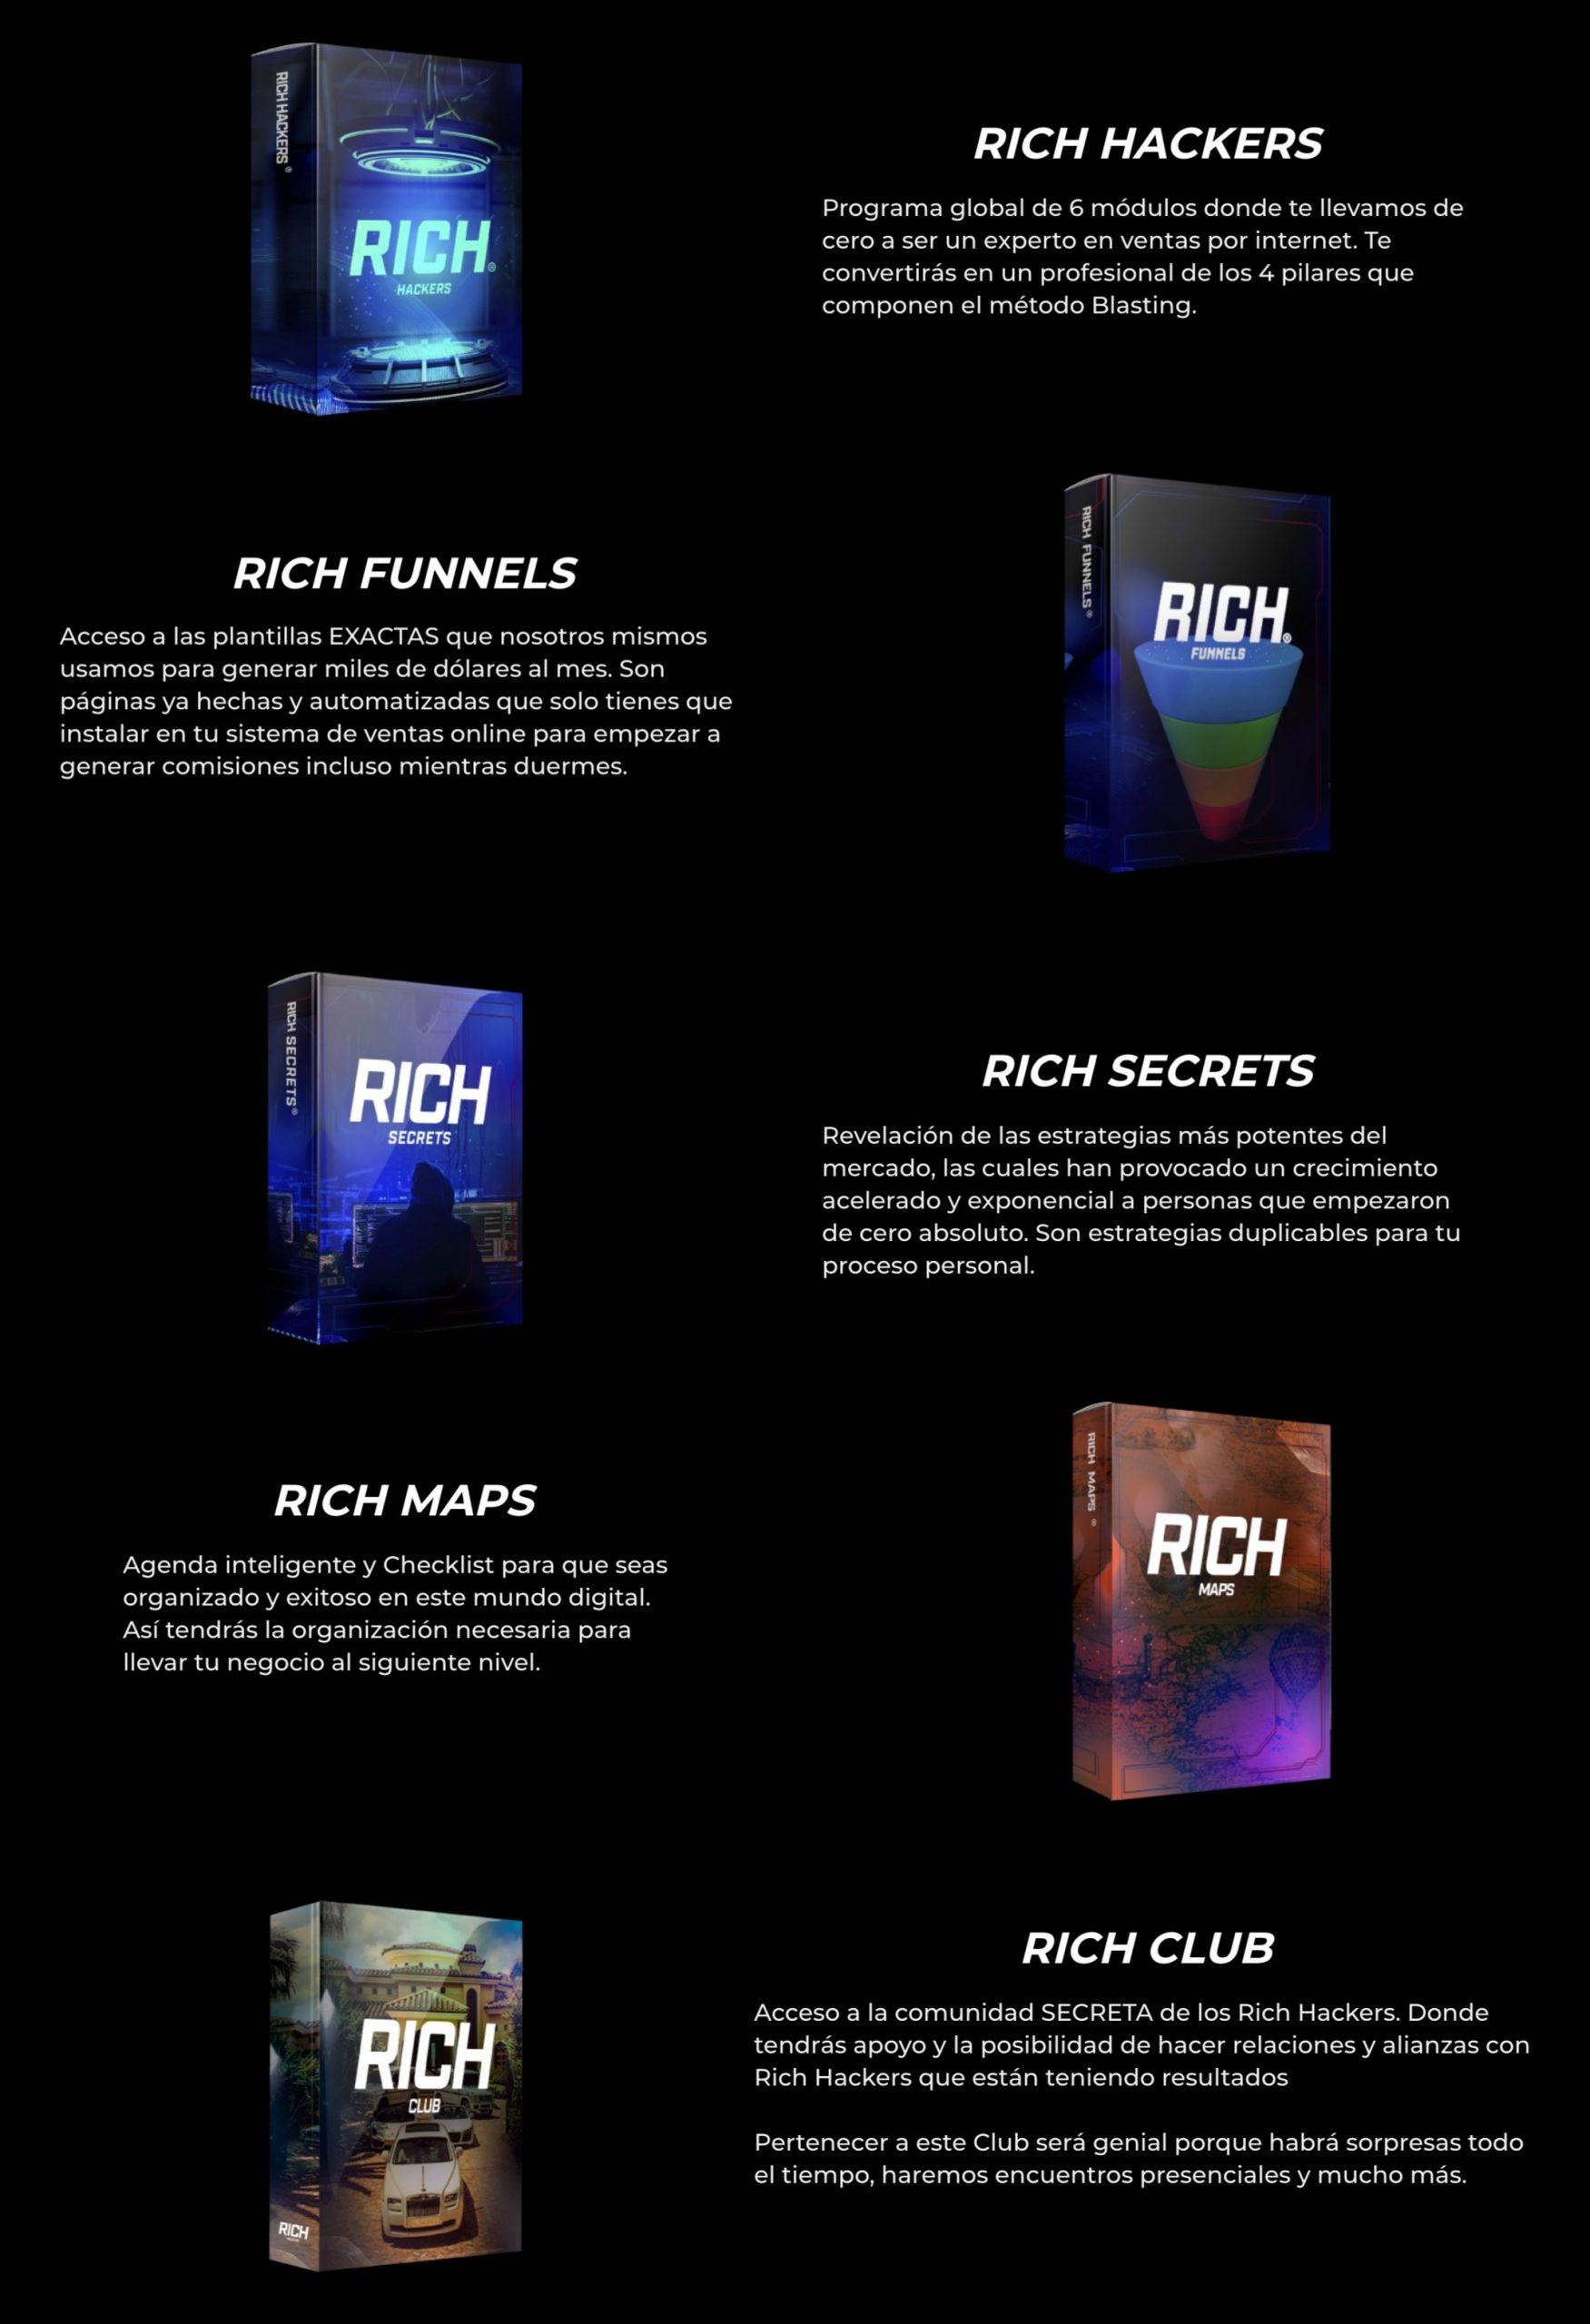 Rich Hackers de Rich Academy